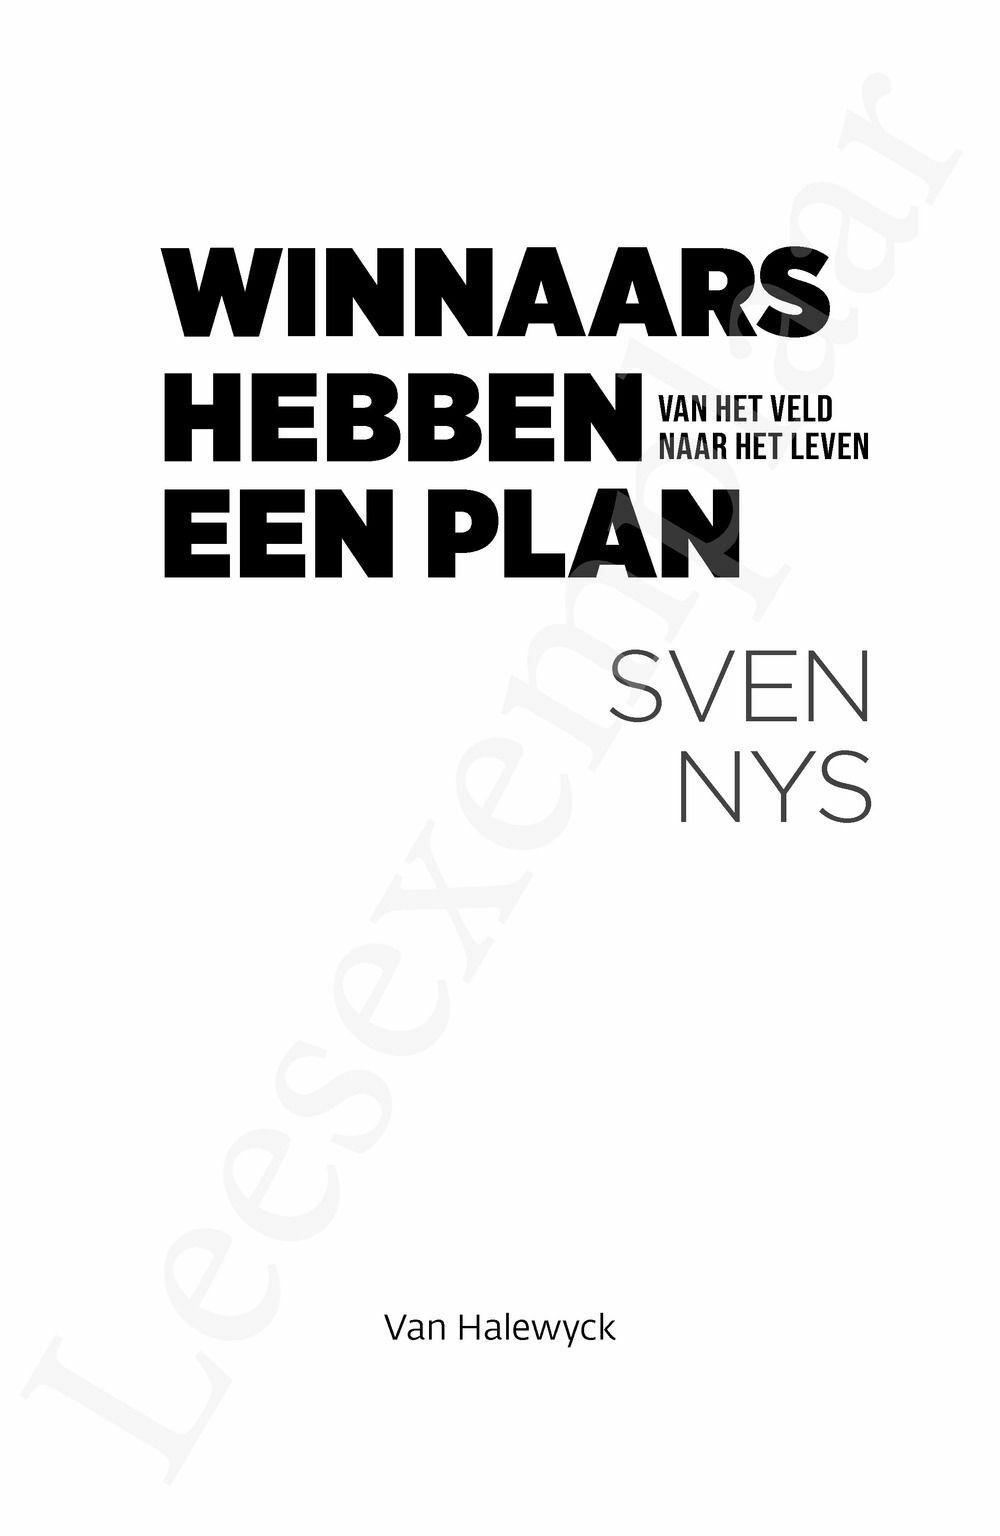 Preview: Winnaars hebben een plan